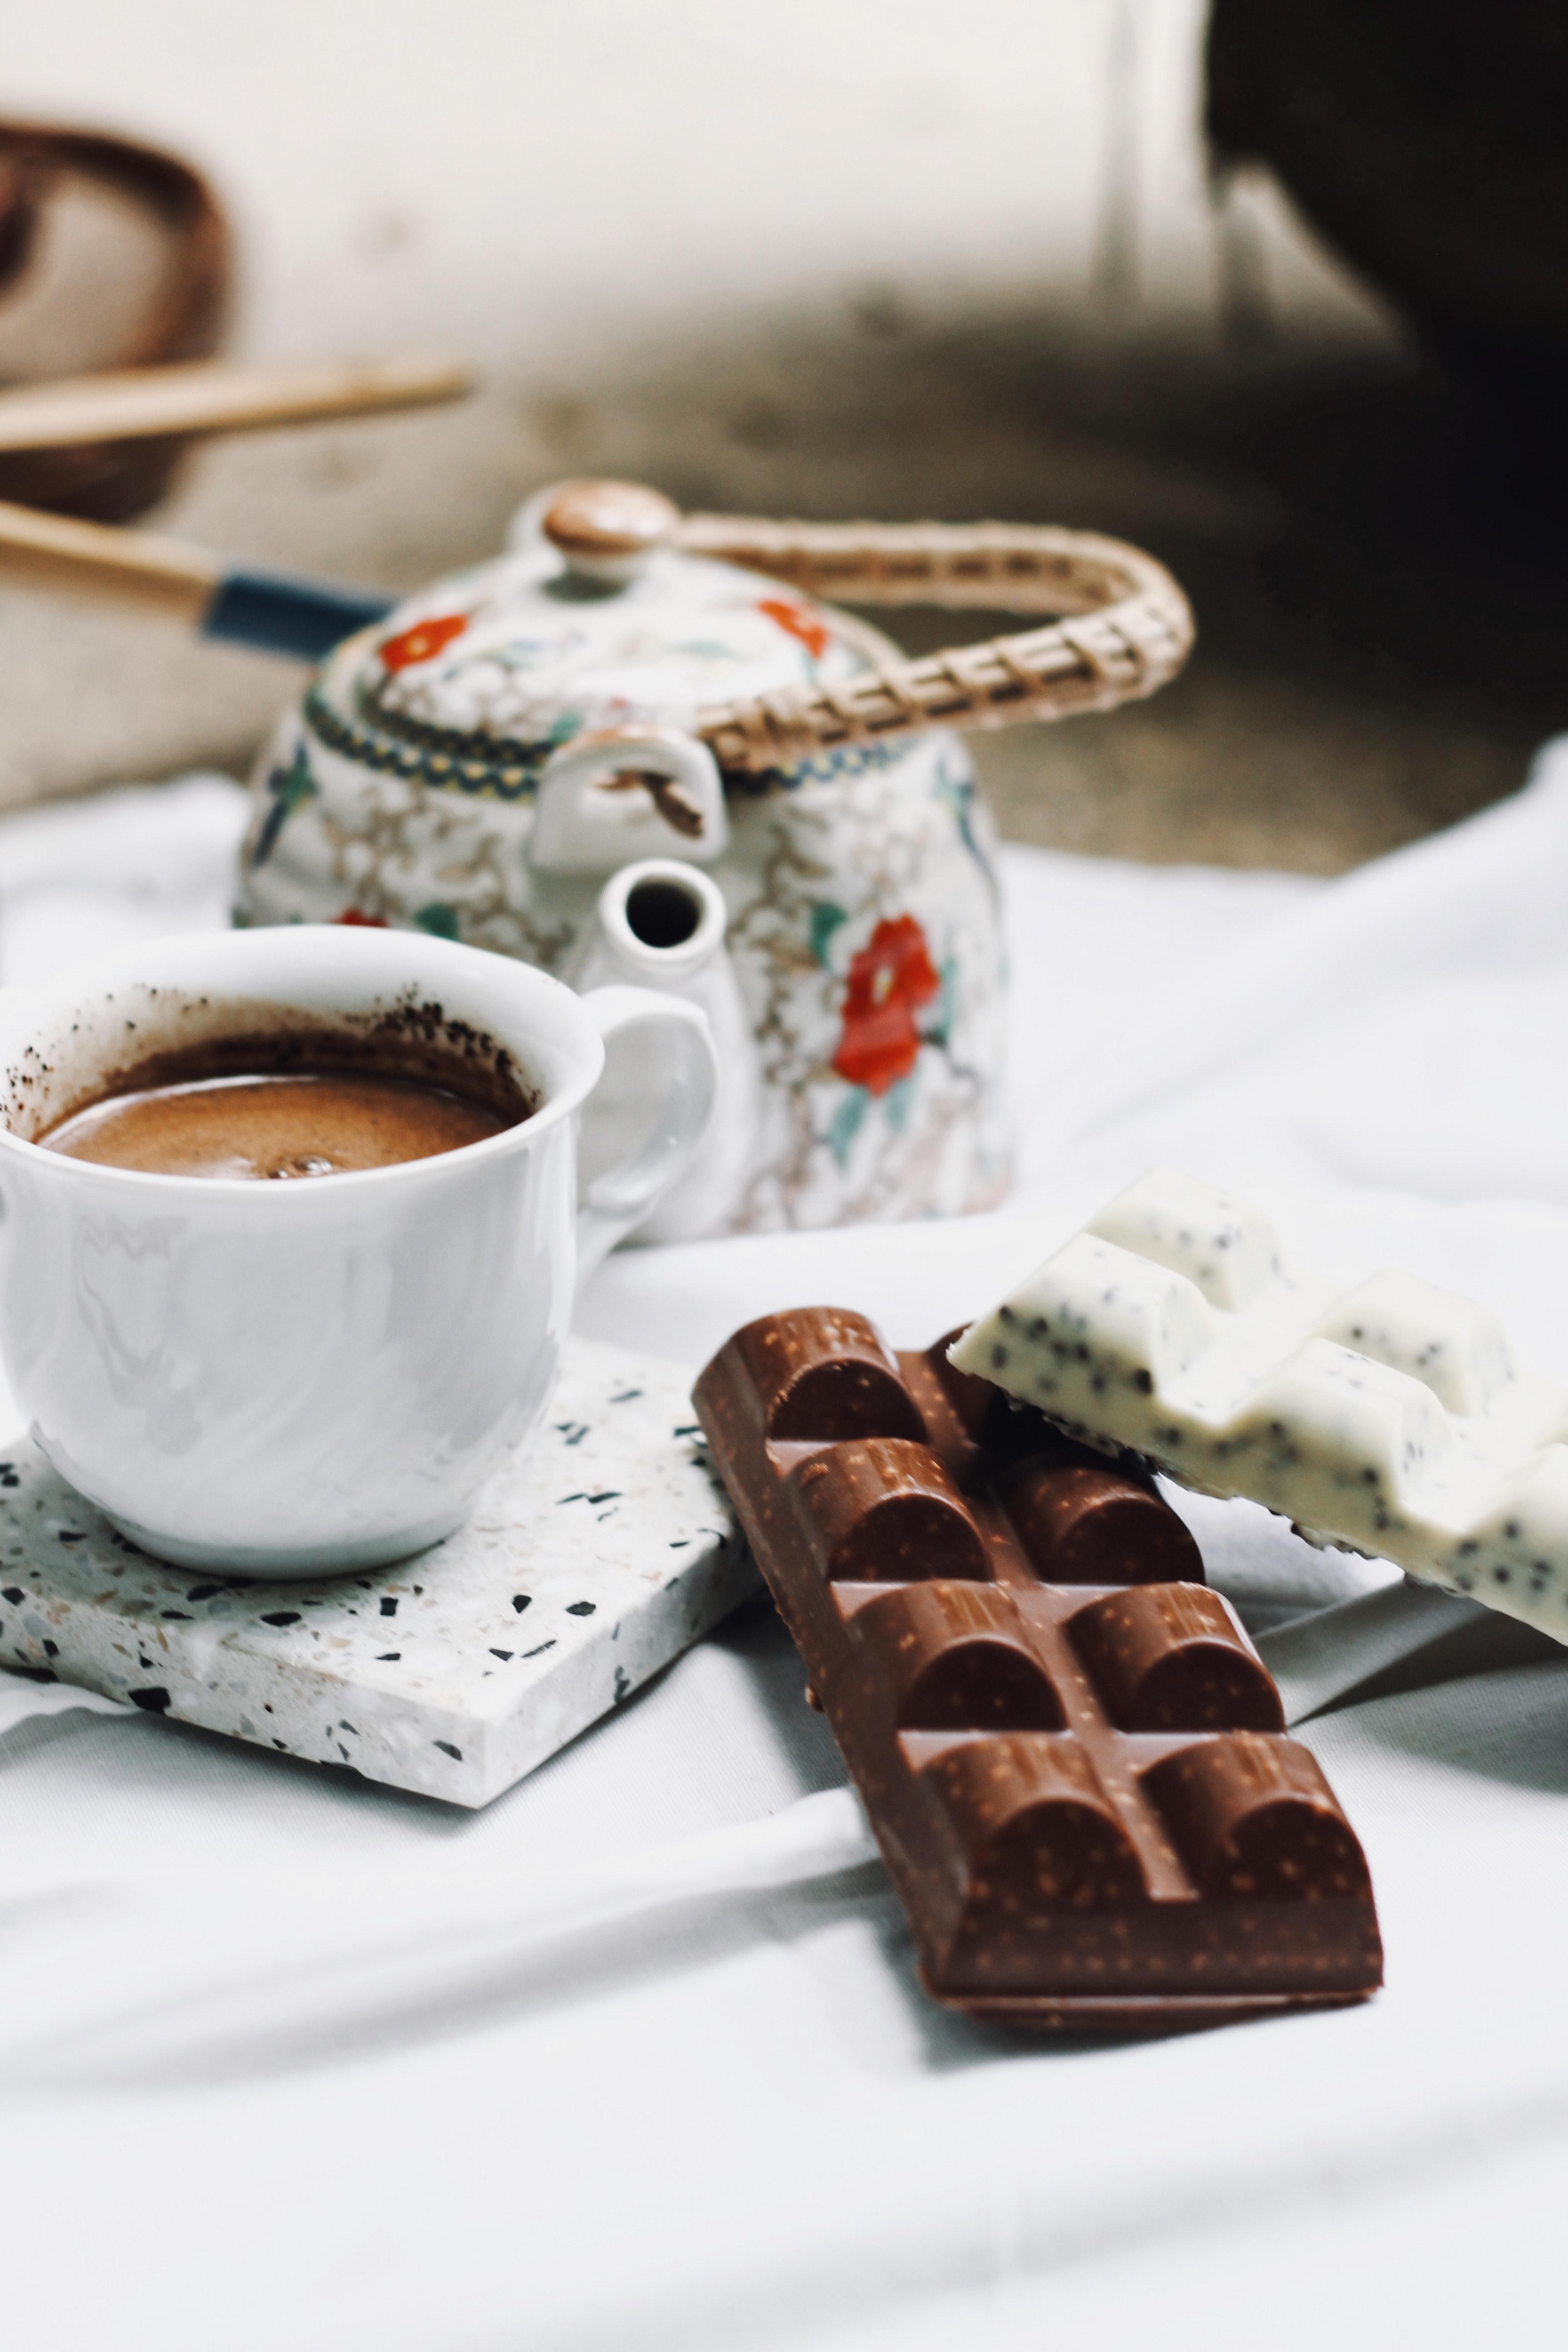 102111 скачать обои Еда, Шоколад, Кофе, Чайник - заставки и картинки бесплатно